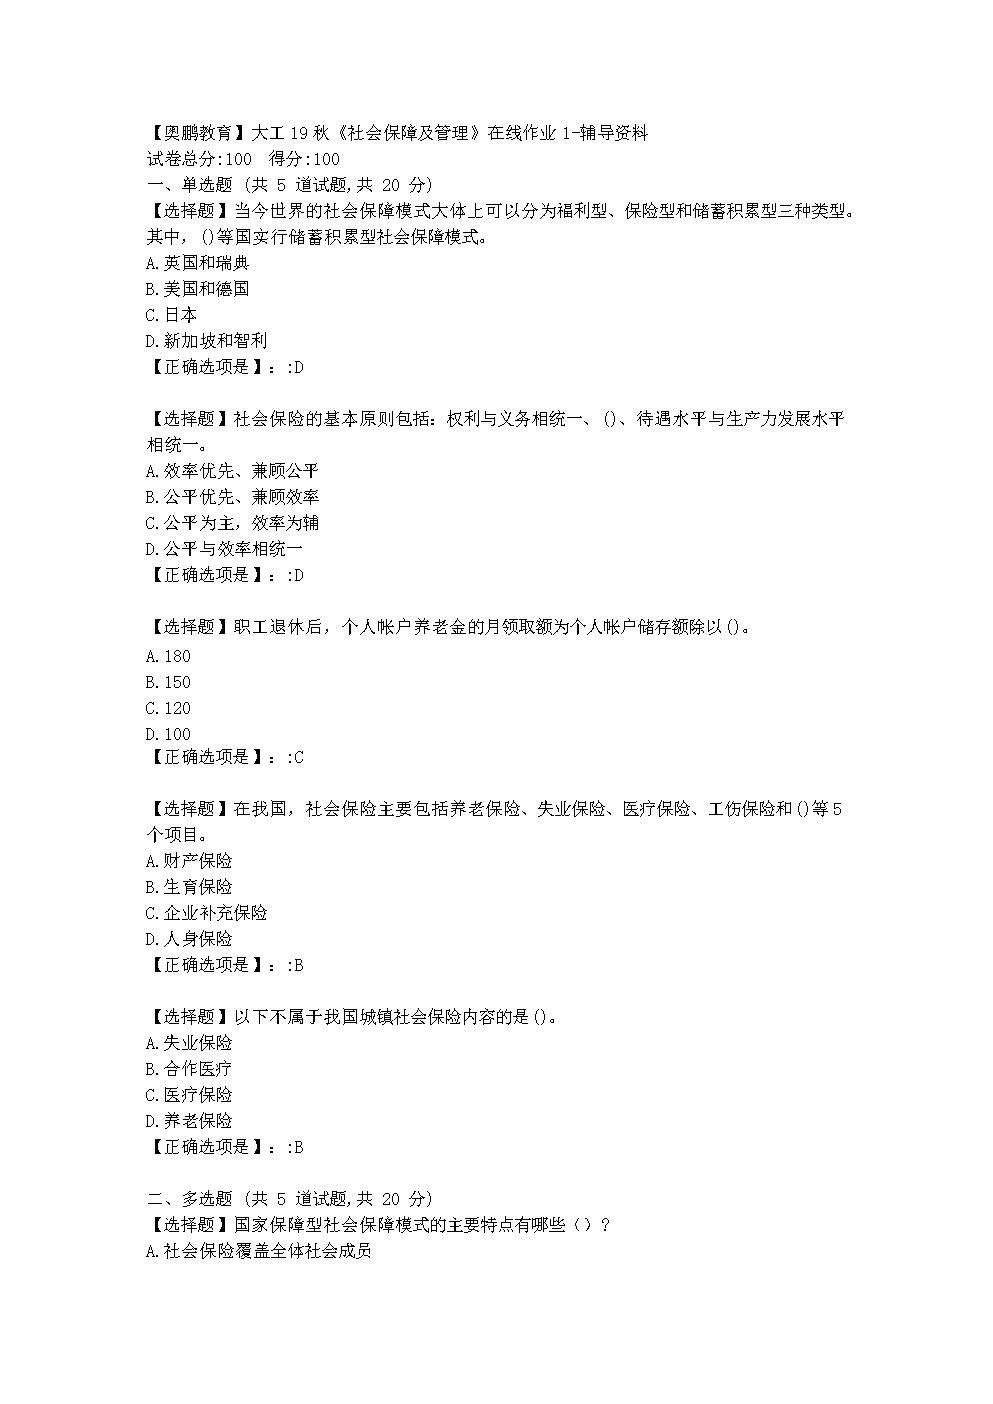 大连理工大学19秋《社会保障及管理》在线作业1学习资料.doc